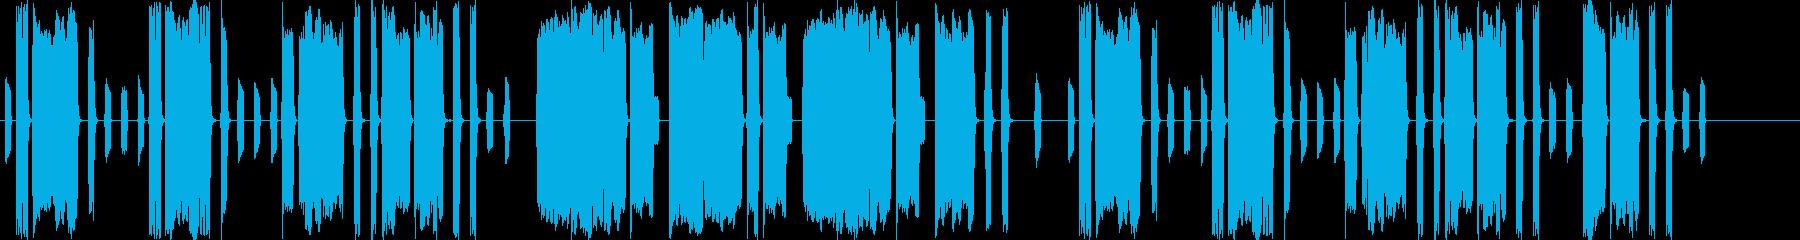 脱力系ほのぼの吹奏楽曲の再生済みの波形